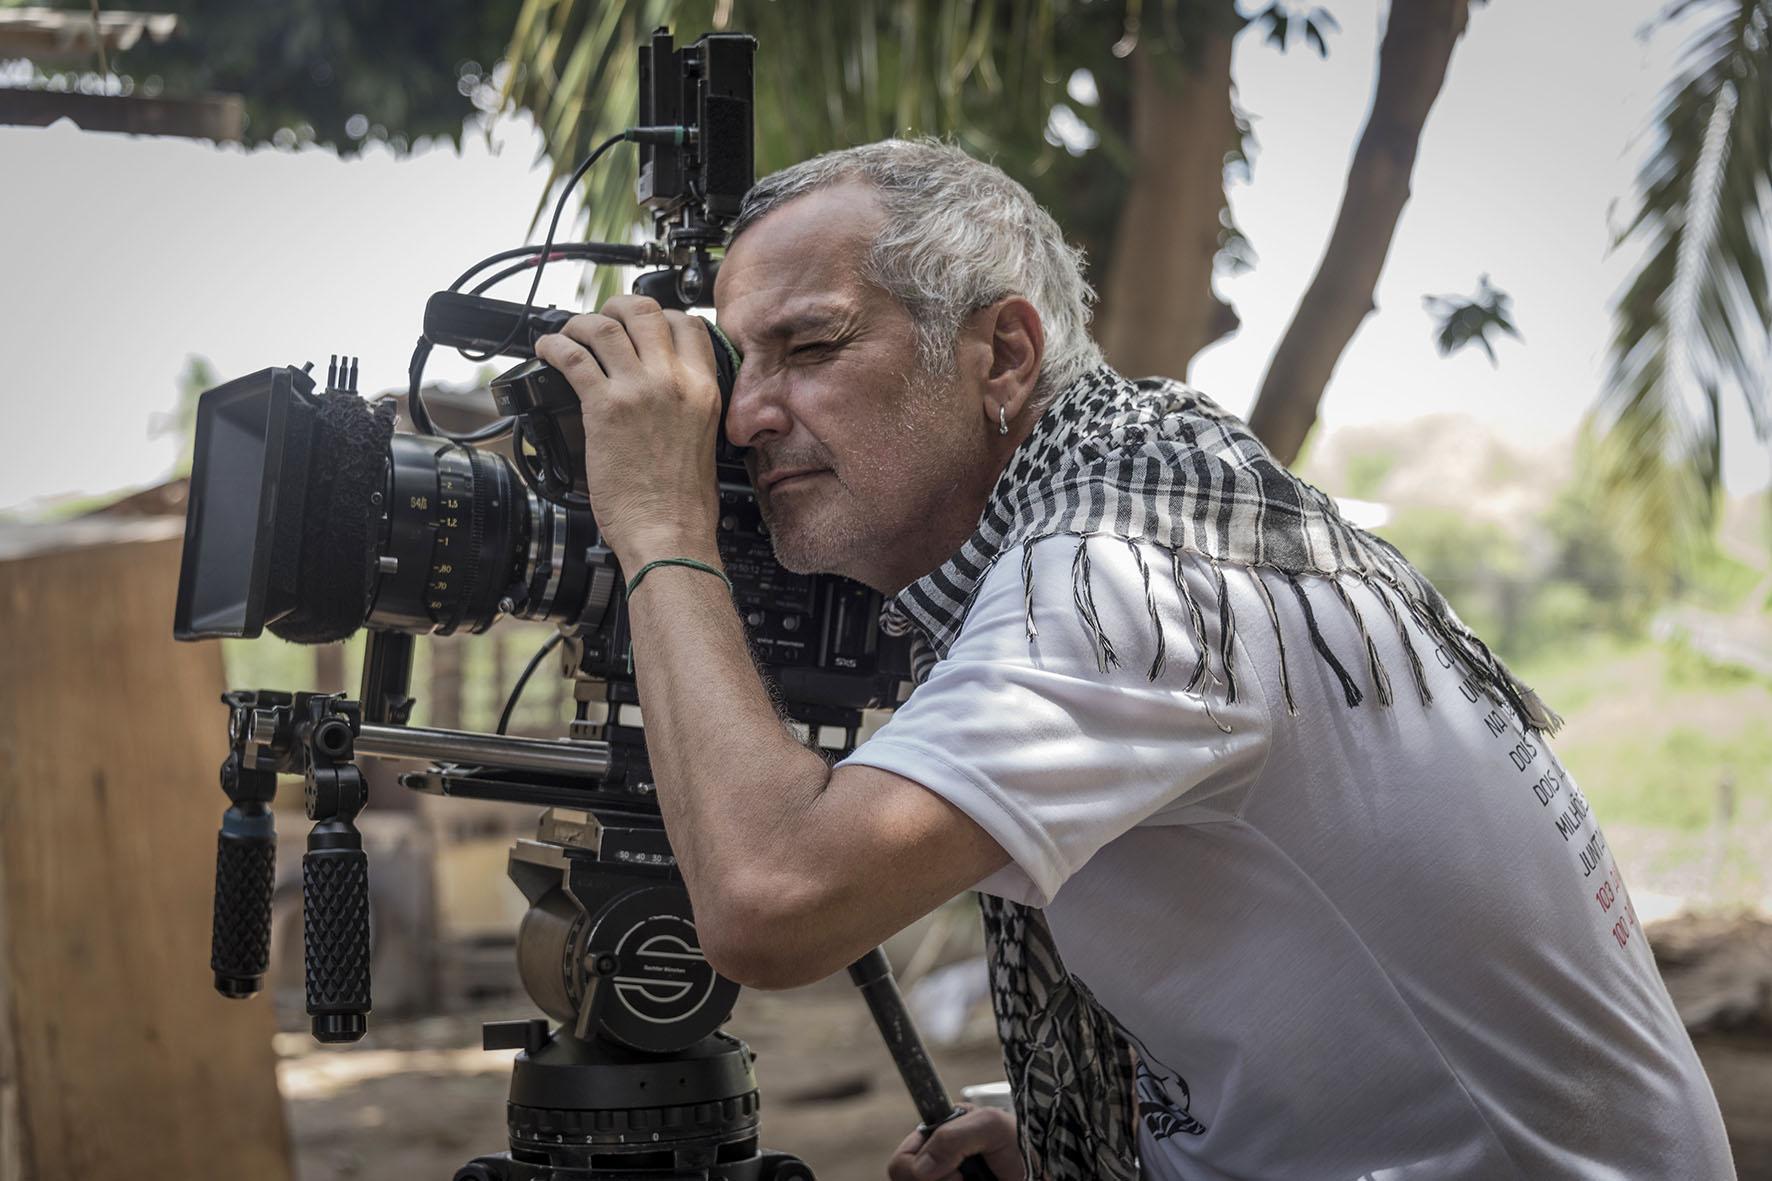 Foto do diretor Lírio Ferreira. Ele está de perfil, olhando pela lente de uma câmera de filmagem em um tripé. Lírio é um homem branco de 50 anos, com cabelos grisalhos e ralos. Ele usa uma camiseta branca e um chale por cima.